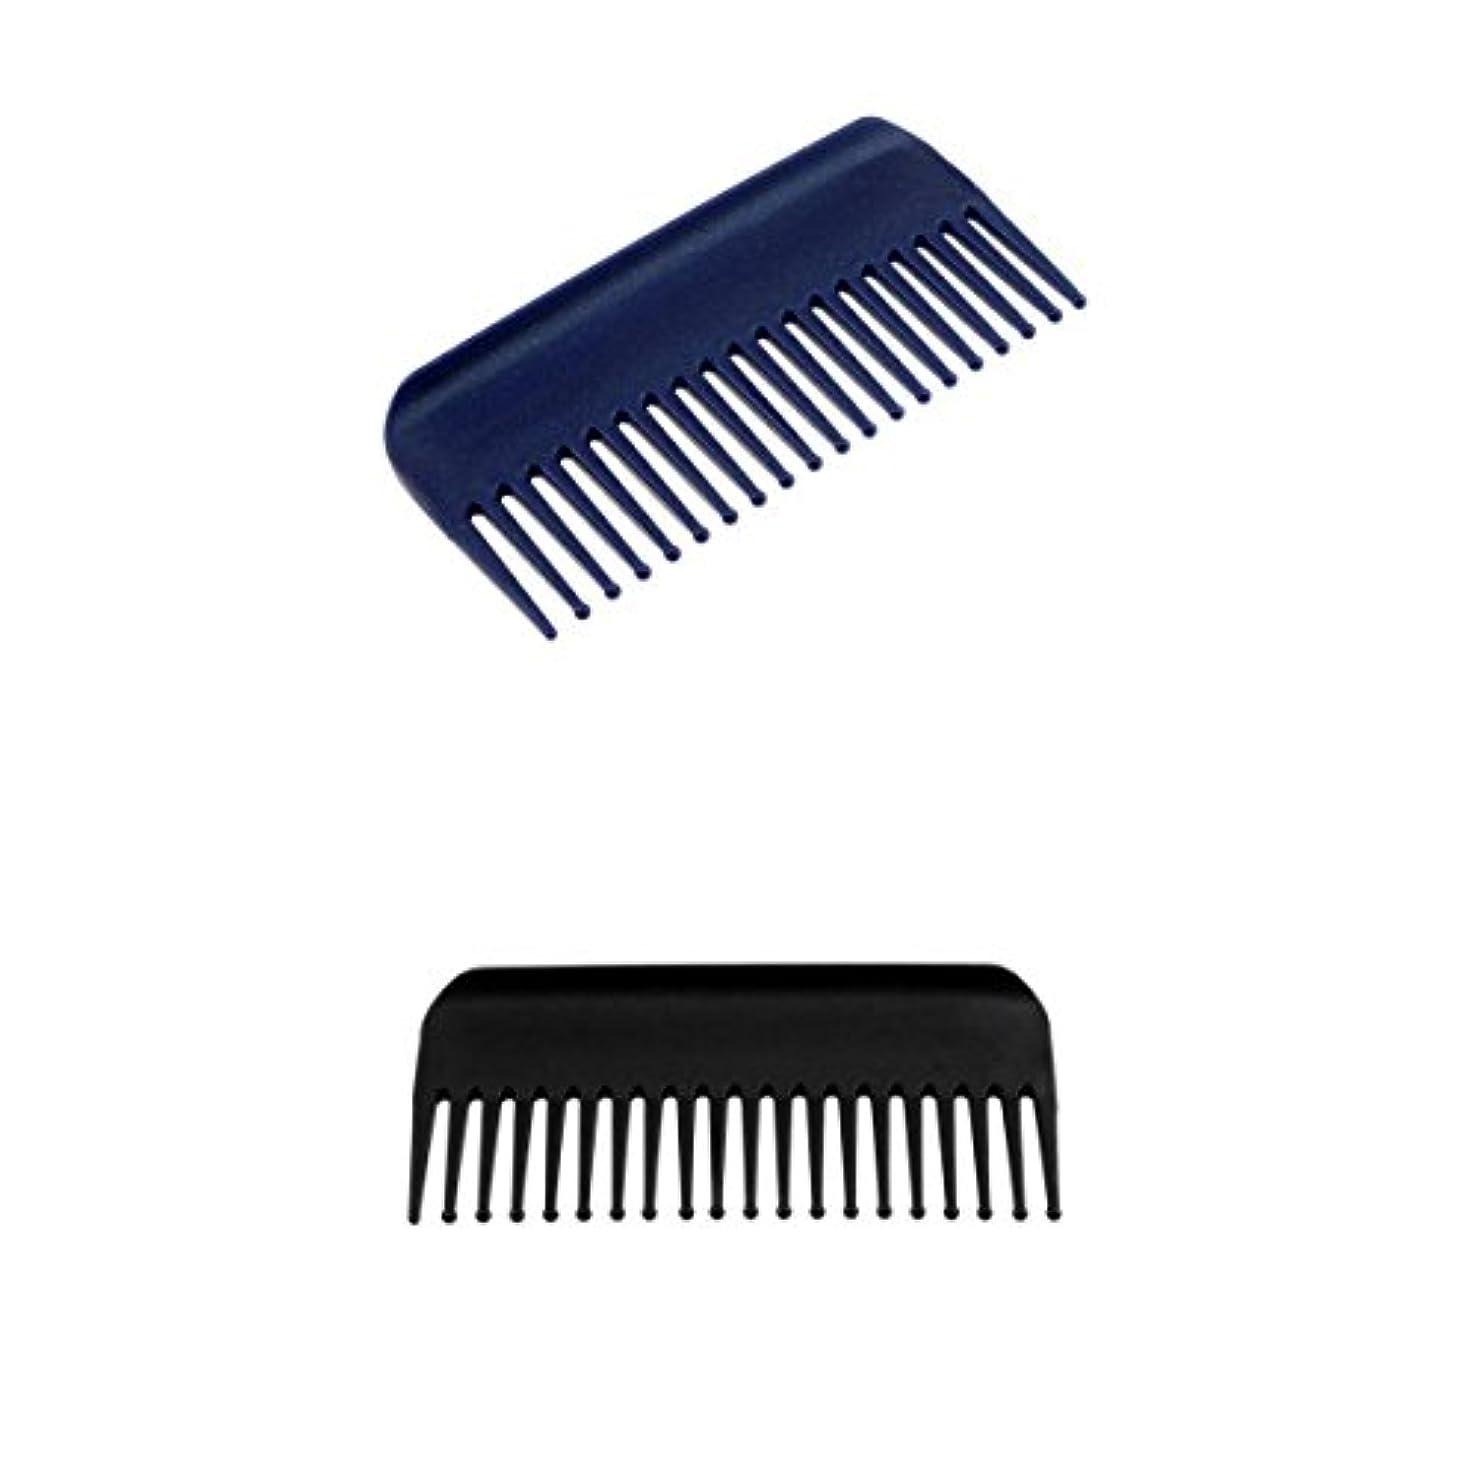 コテージ例示するに頼る2個19歯解くこと髪くしヘアコンディショニングレーキくしワイド歯ヘアブラシサロン理容ツール